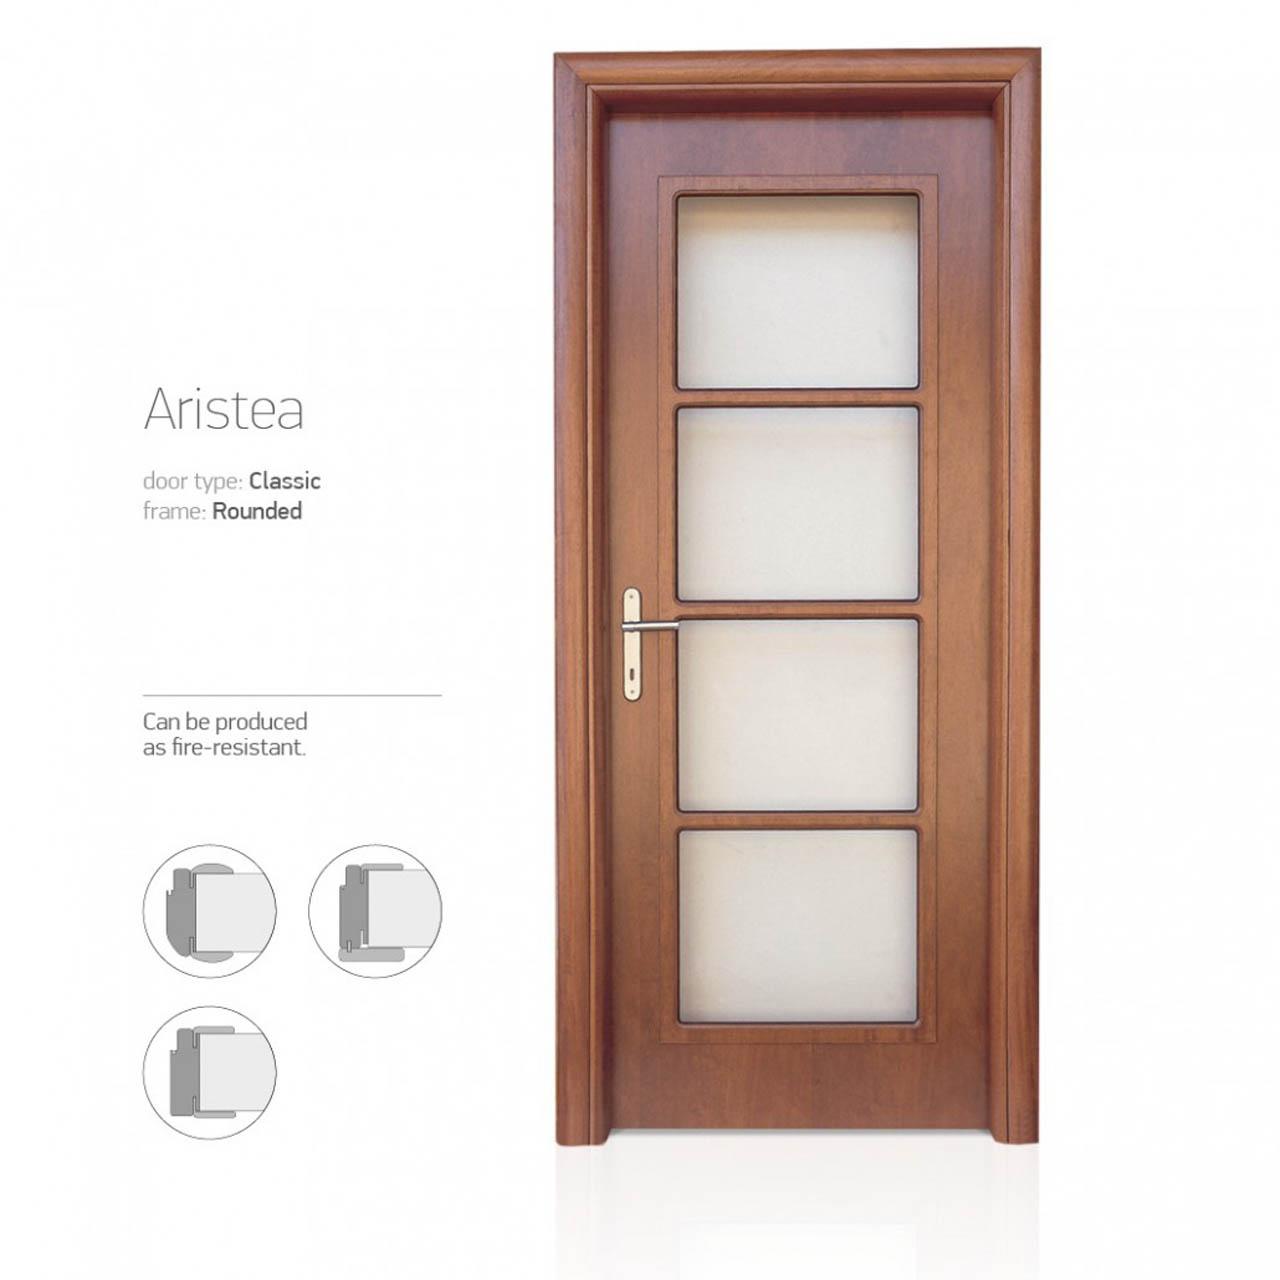 portes-site-classic-eng20-1030x1030